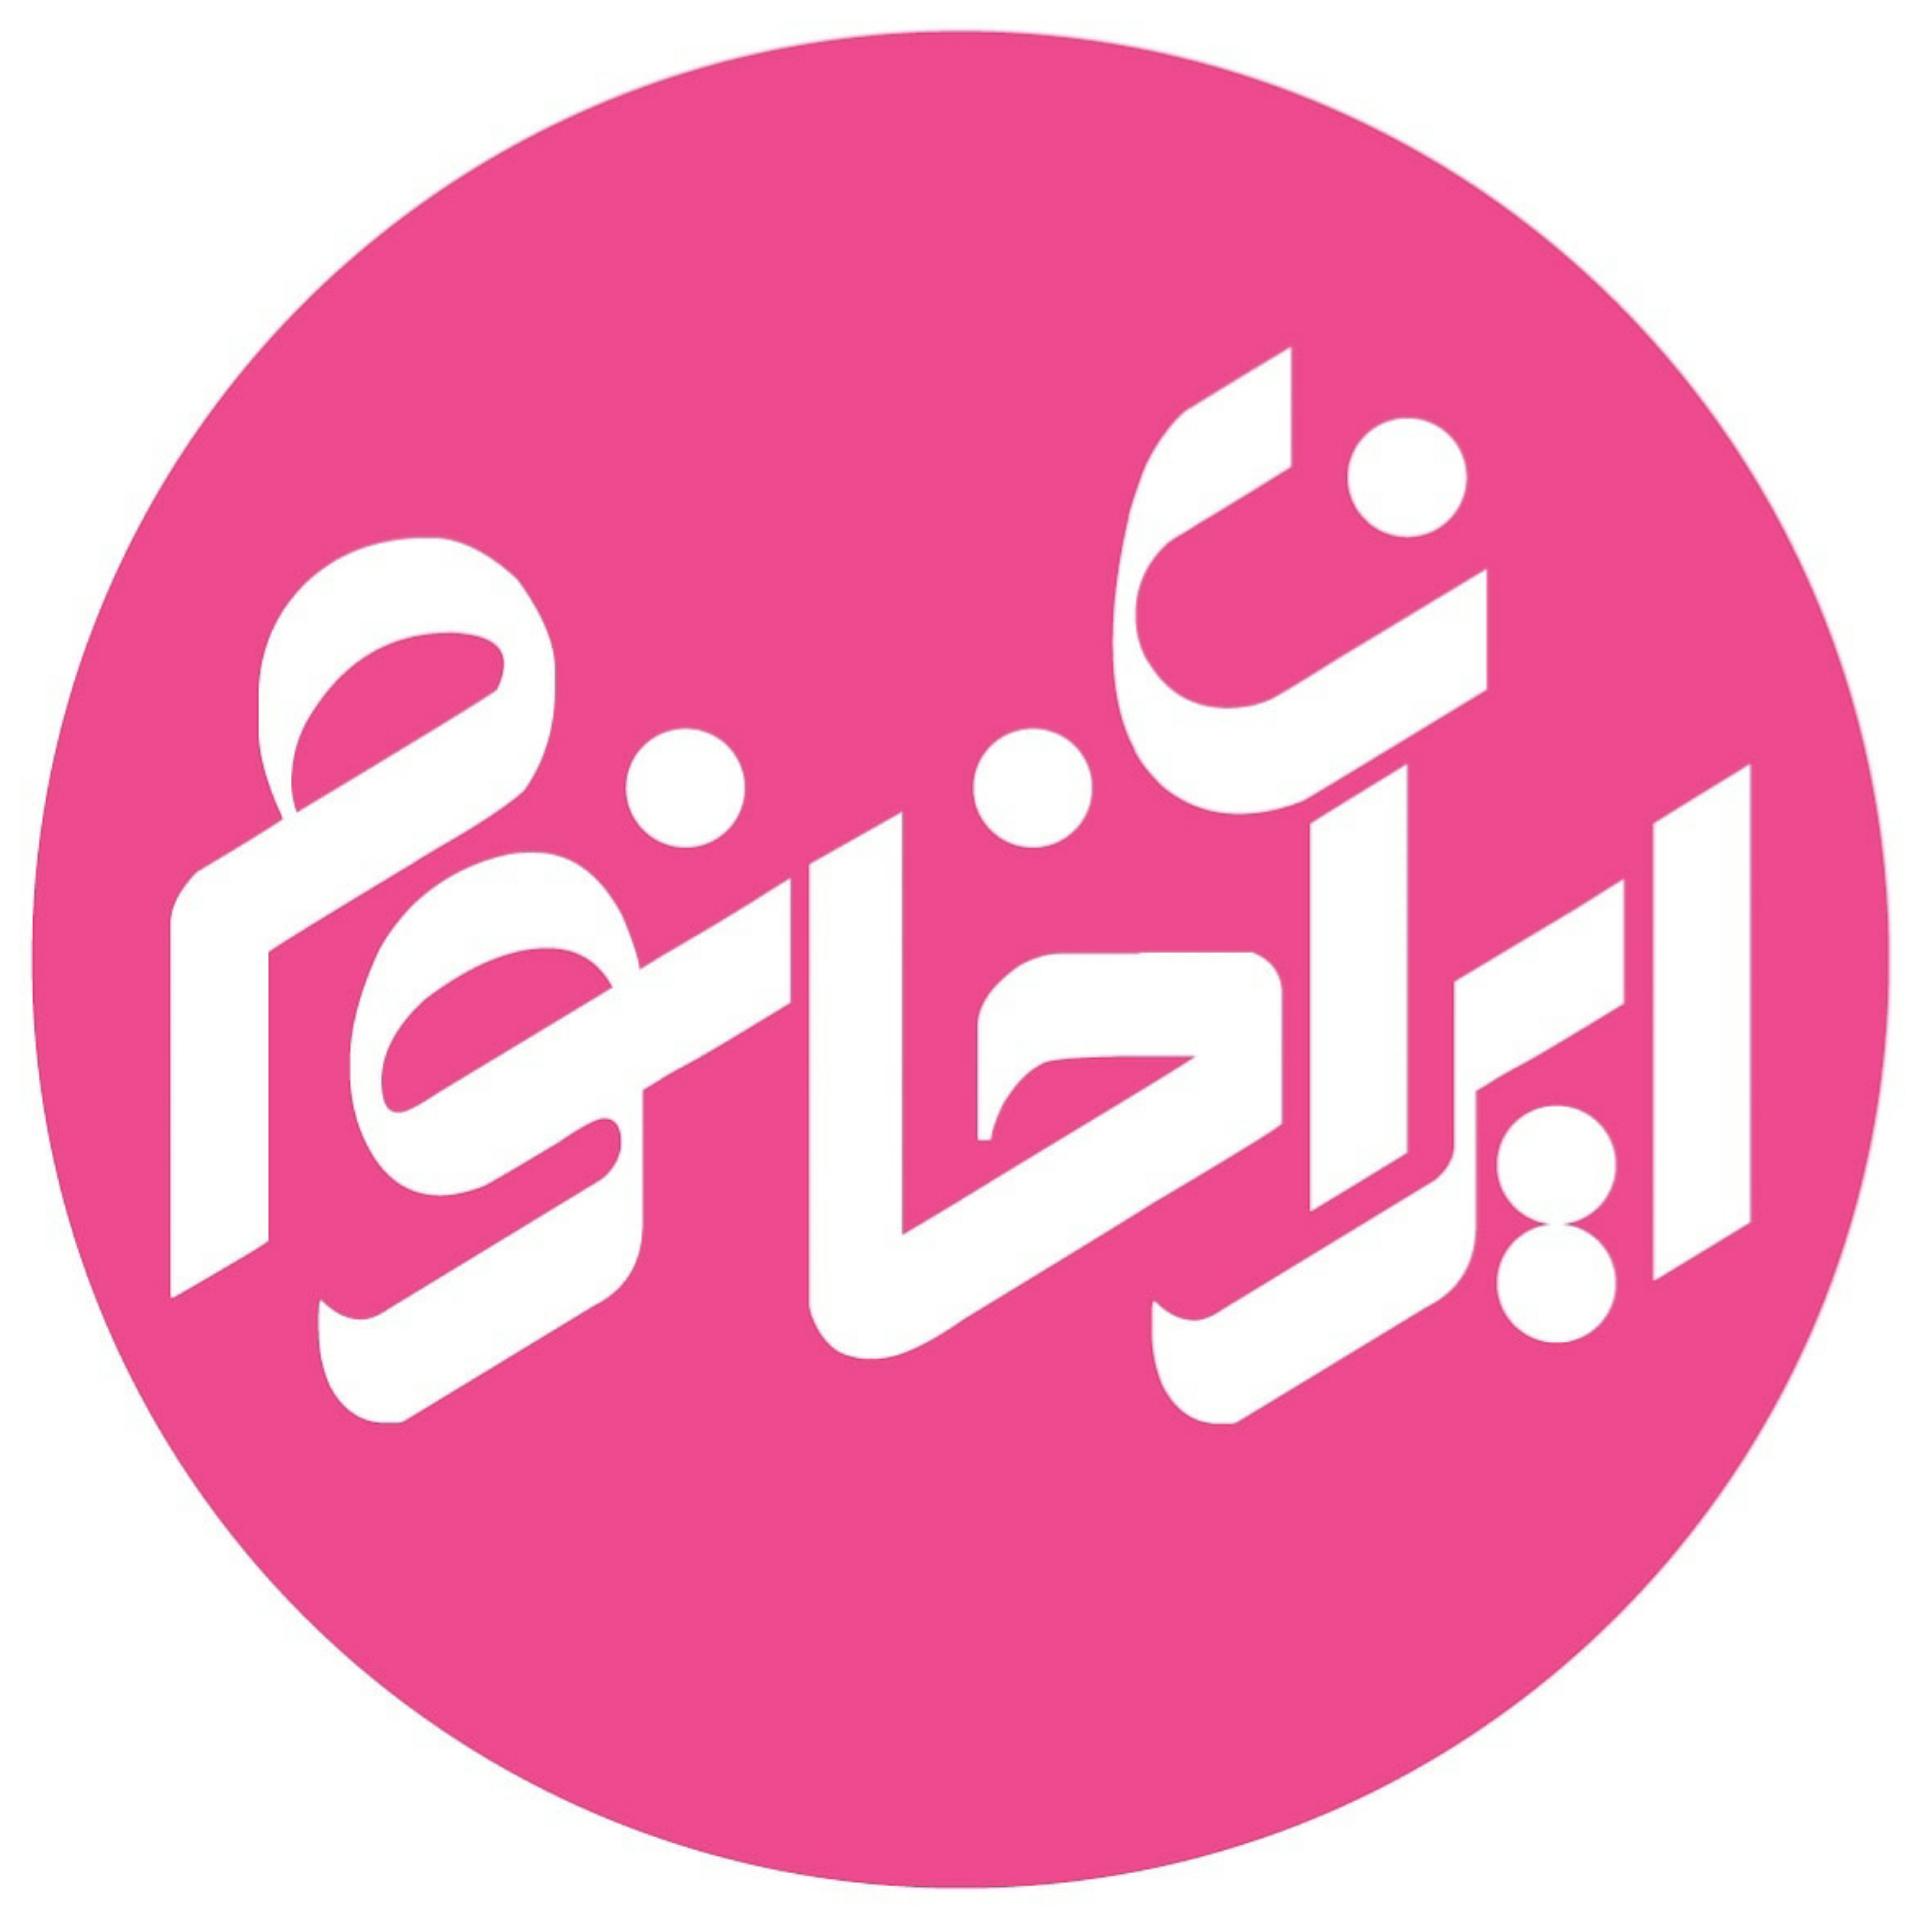 فروشگاه اینترنتی آرایشی بهداشتی ایران خانوم